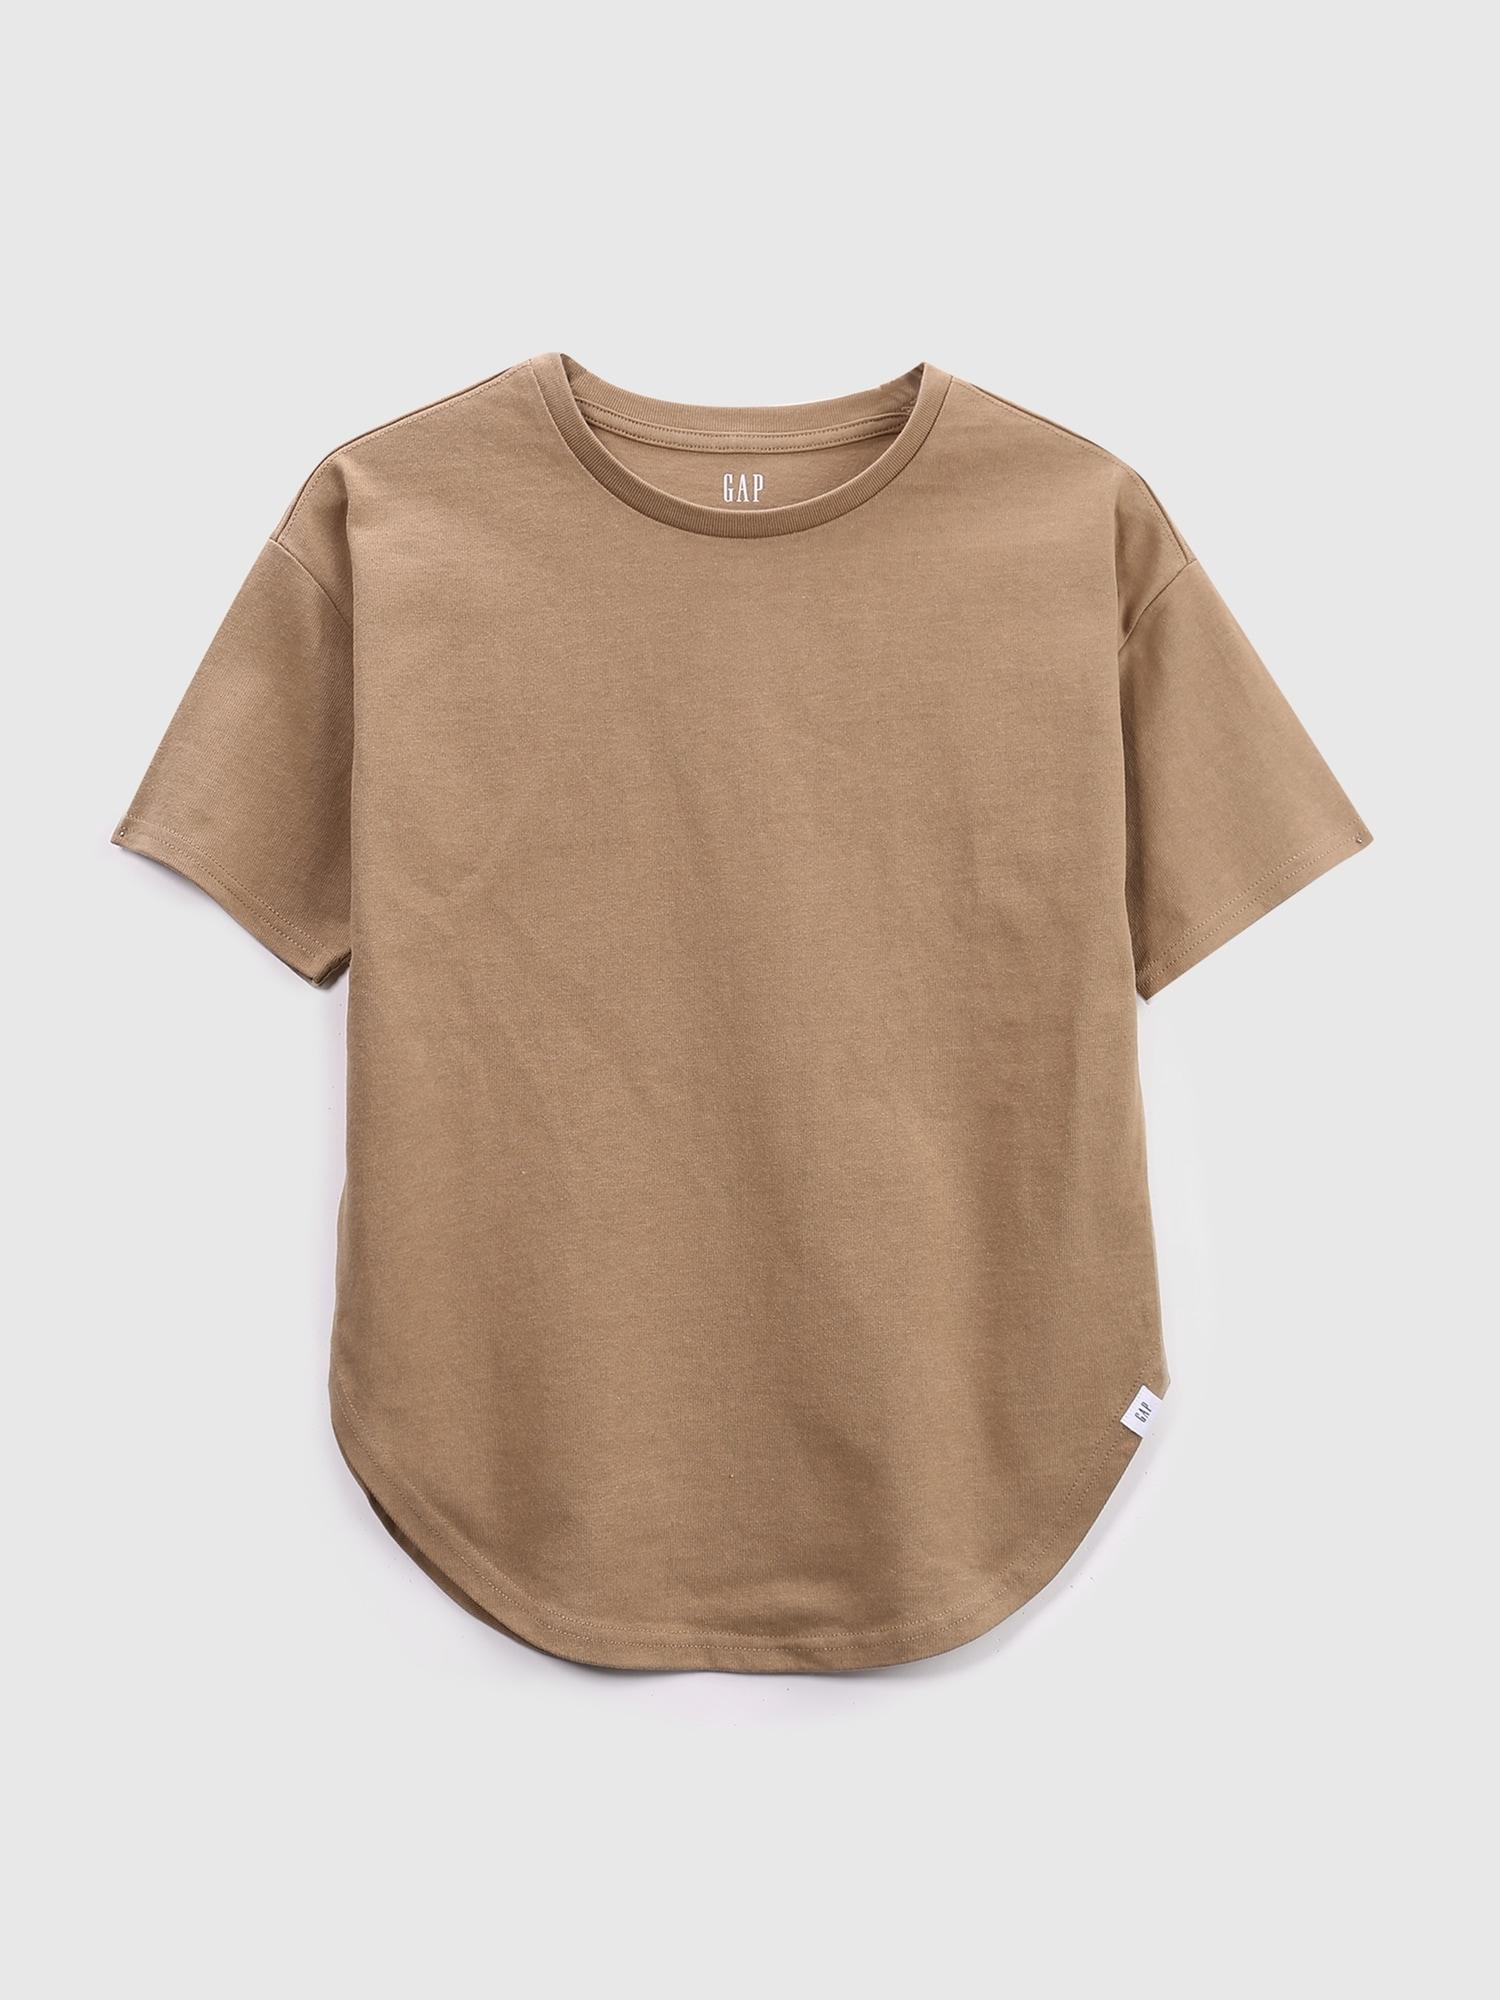 テックジャージ クルーネックtシャツ